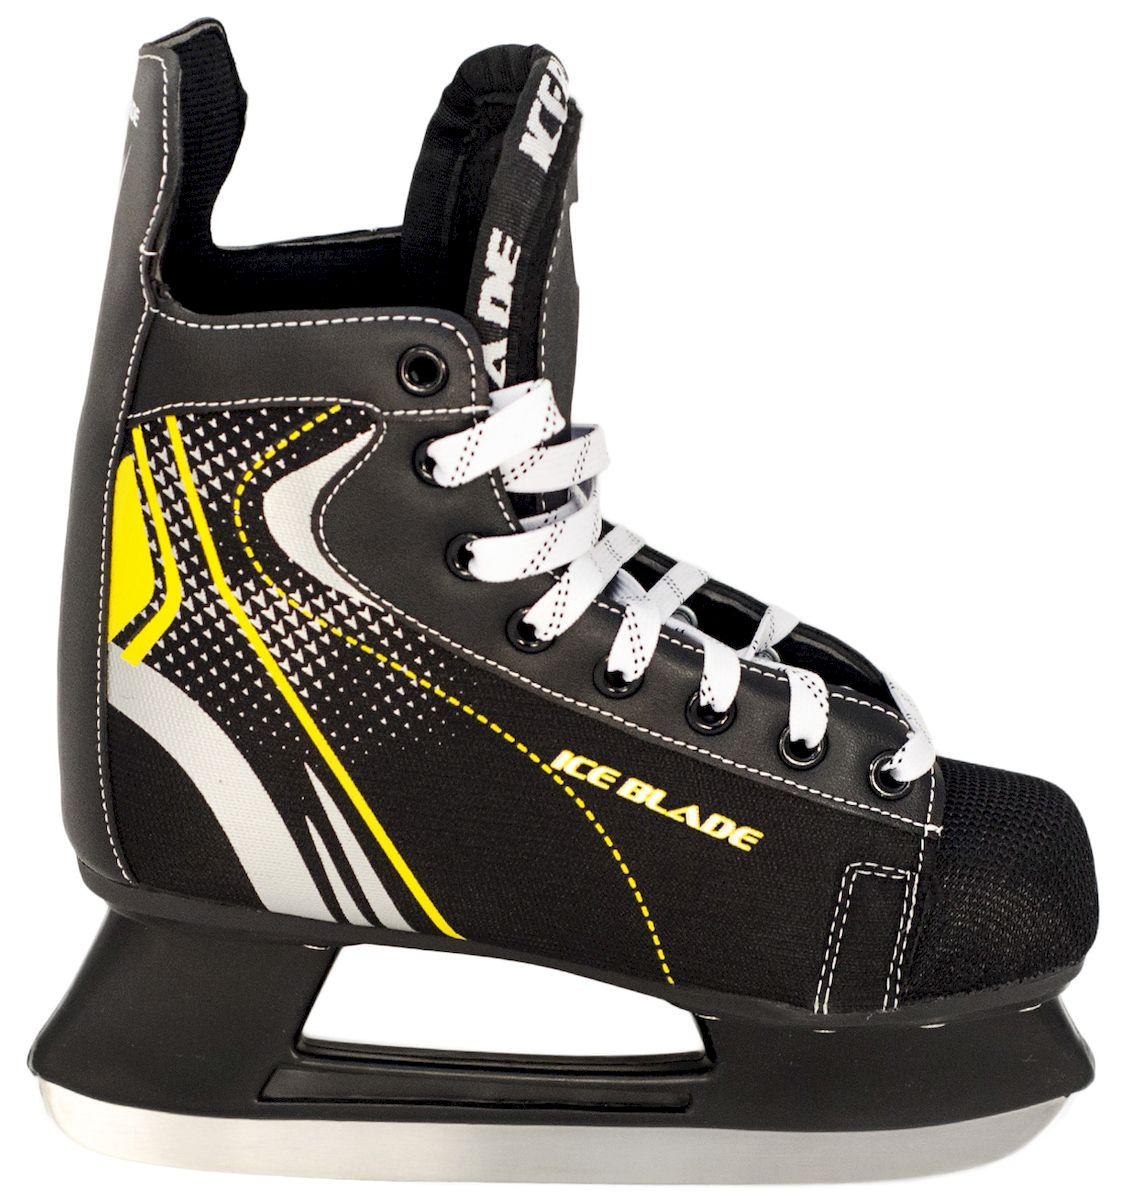 Коньки хоккейные Ice Blade Shark, цвет: черный, желтый. УТ-00006841. Размер 44